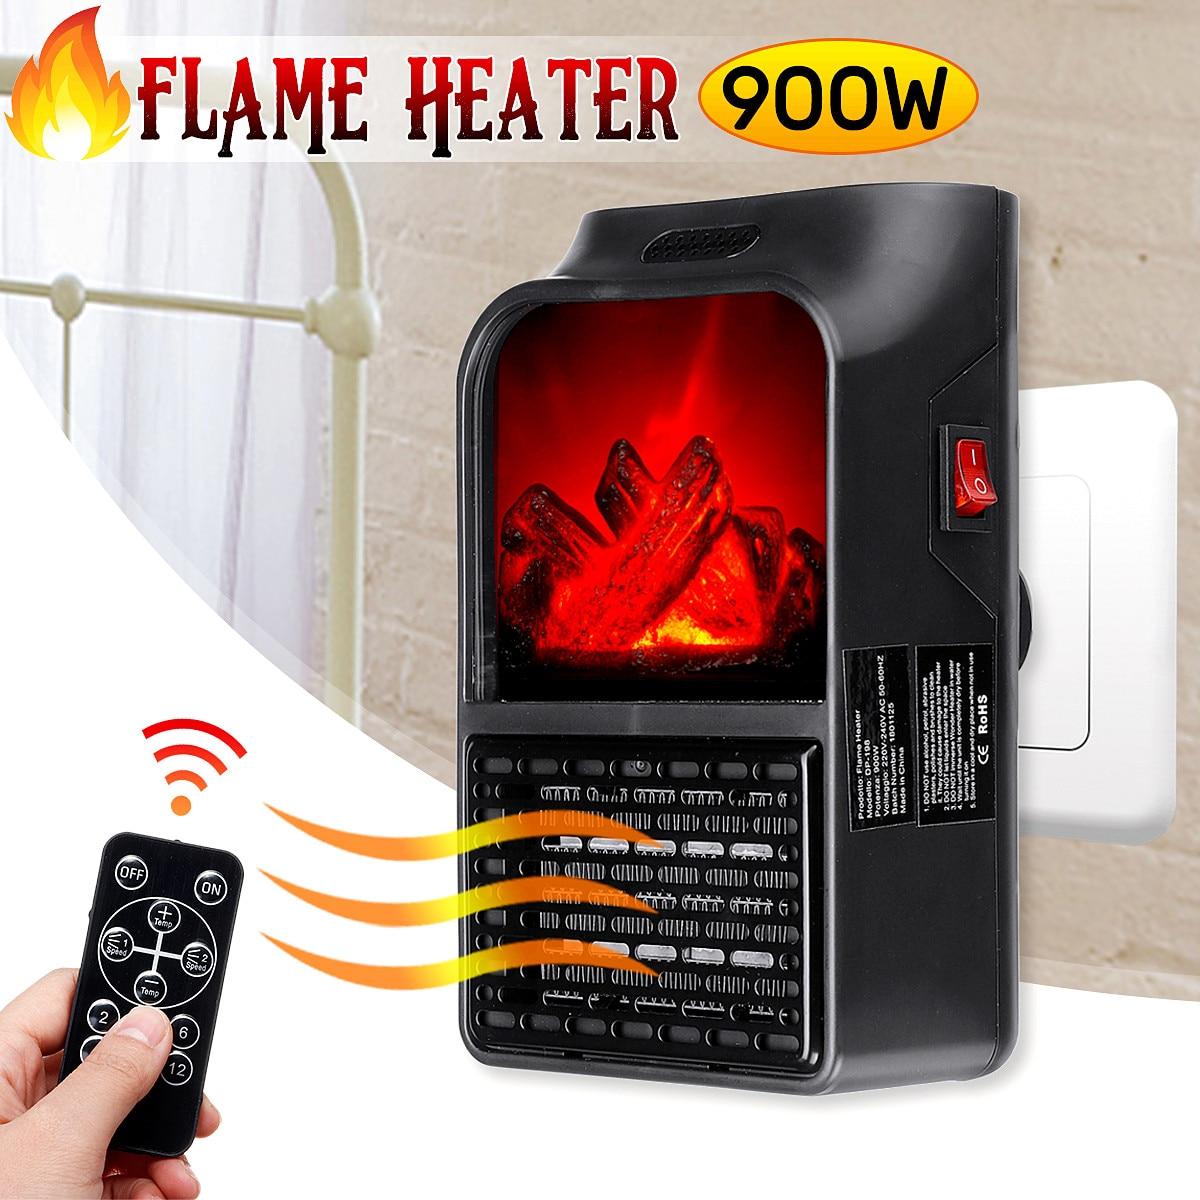 Chauffe-flamme Portable Handier prise murale plug-in numérique radiateur électrique ventilateur chaud ventilateur chambre radiateur électrique pour la maison